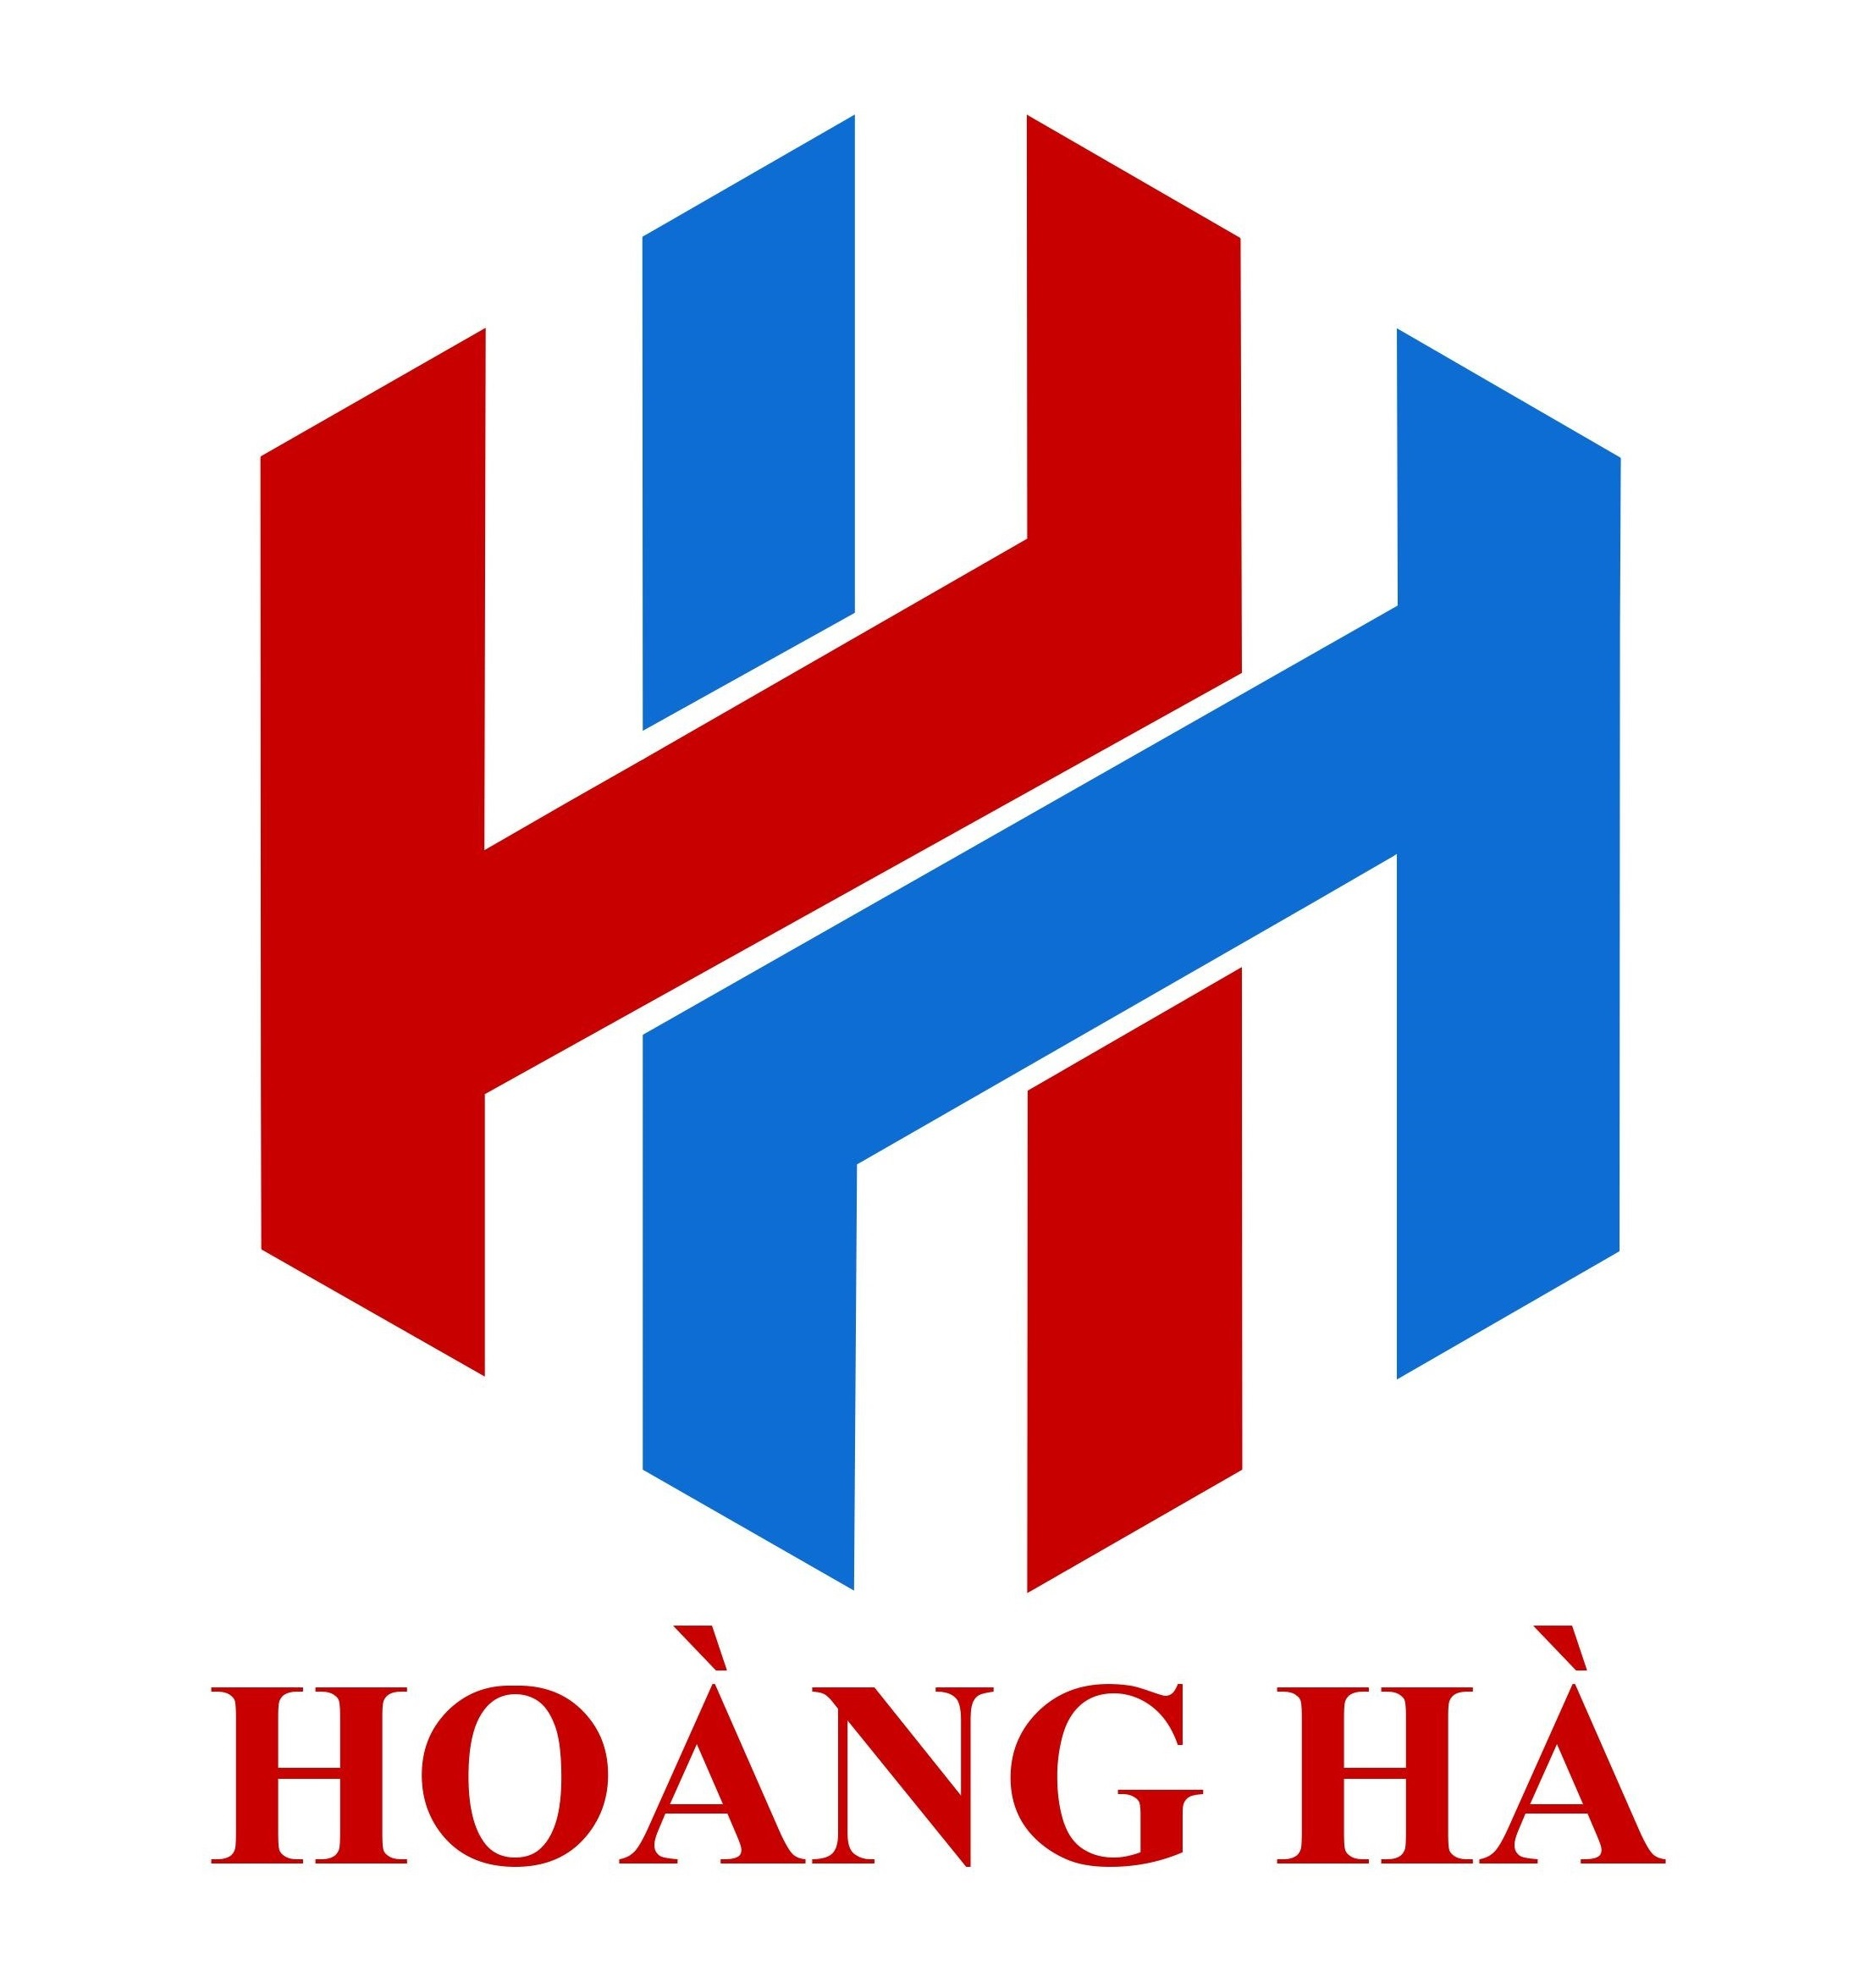 HOÀNG HÀ Lighting